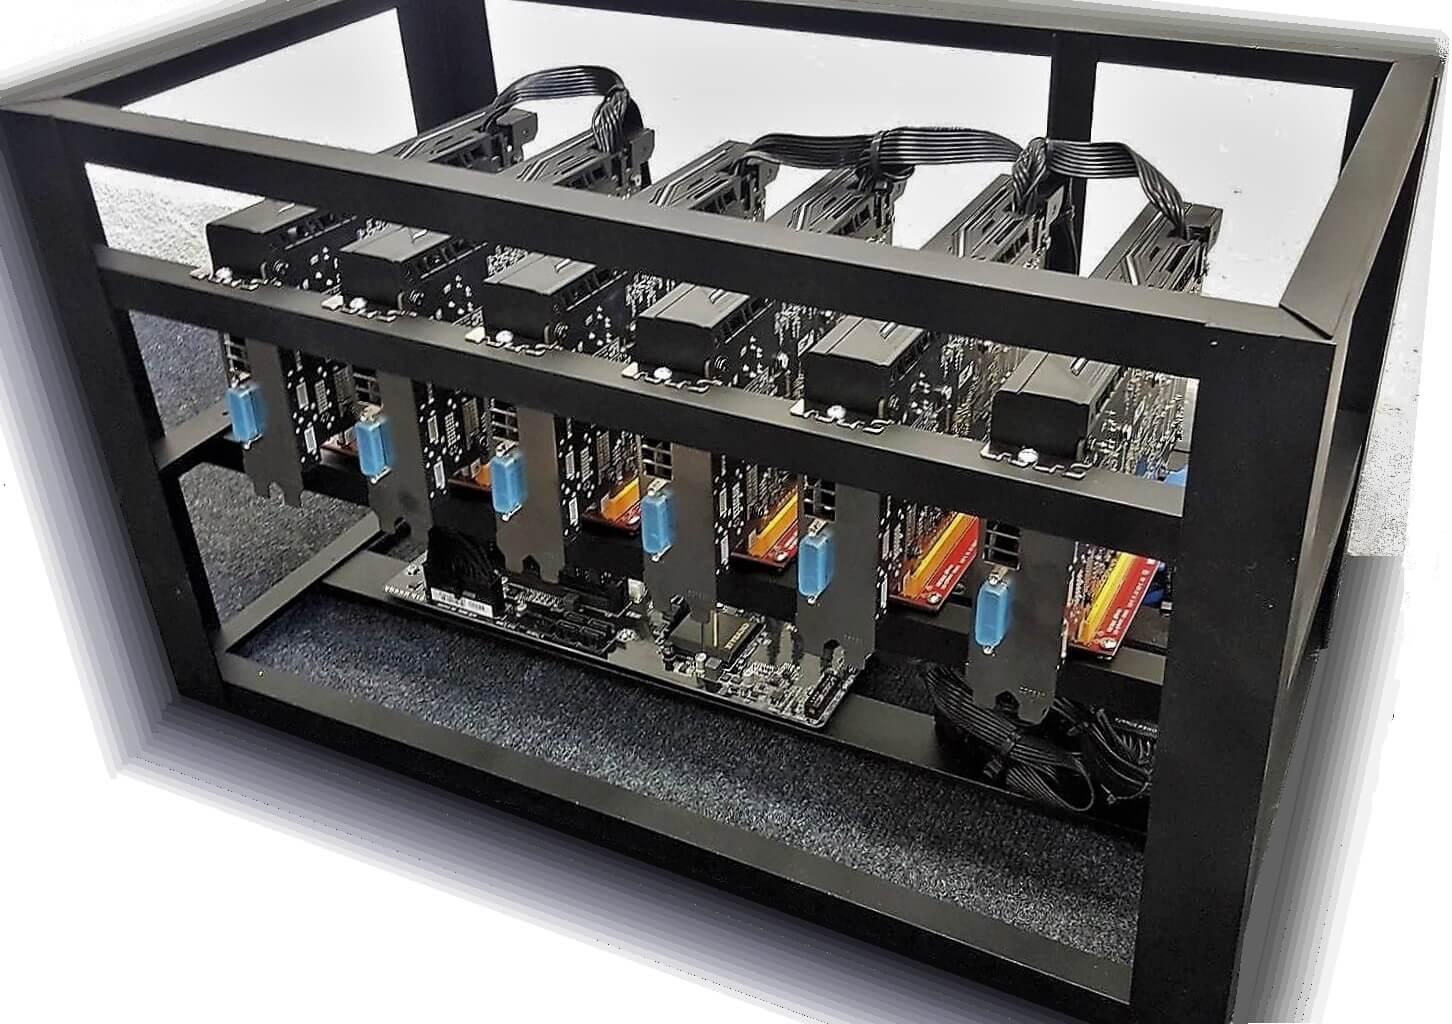 ITCA Poseidon - výroba mining rigu na ťažbu kryptomien, stavba